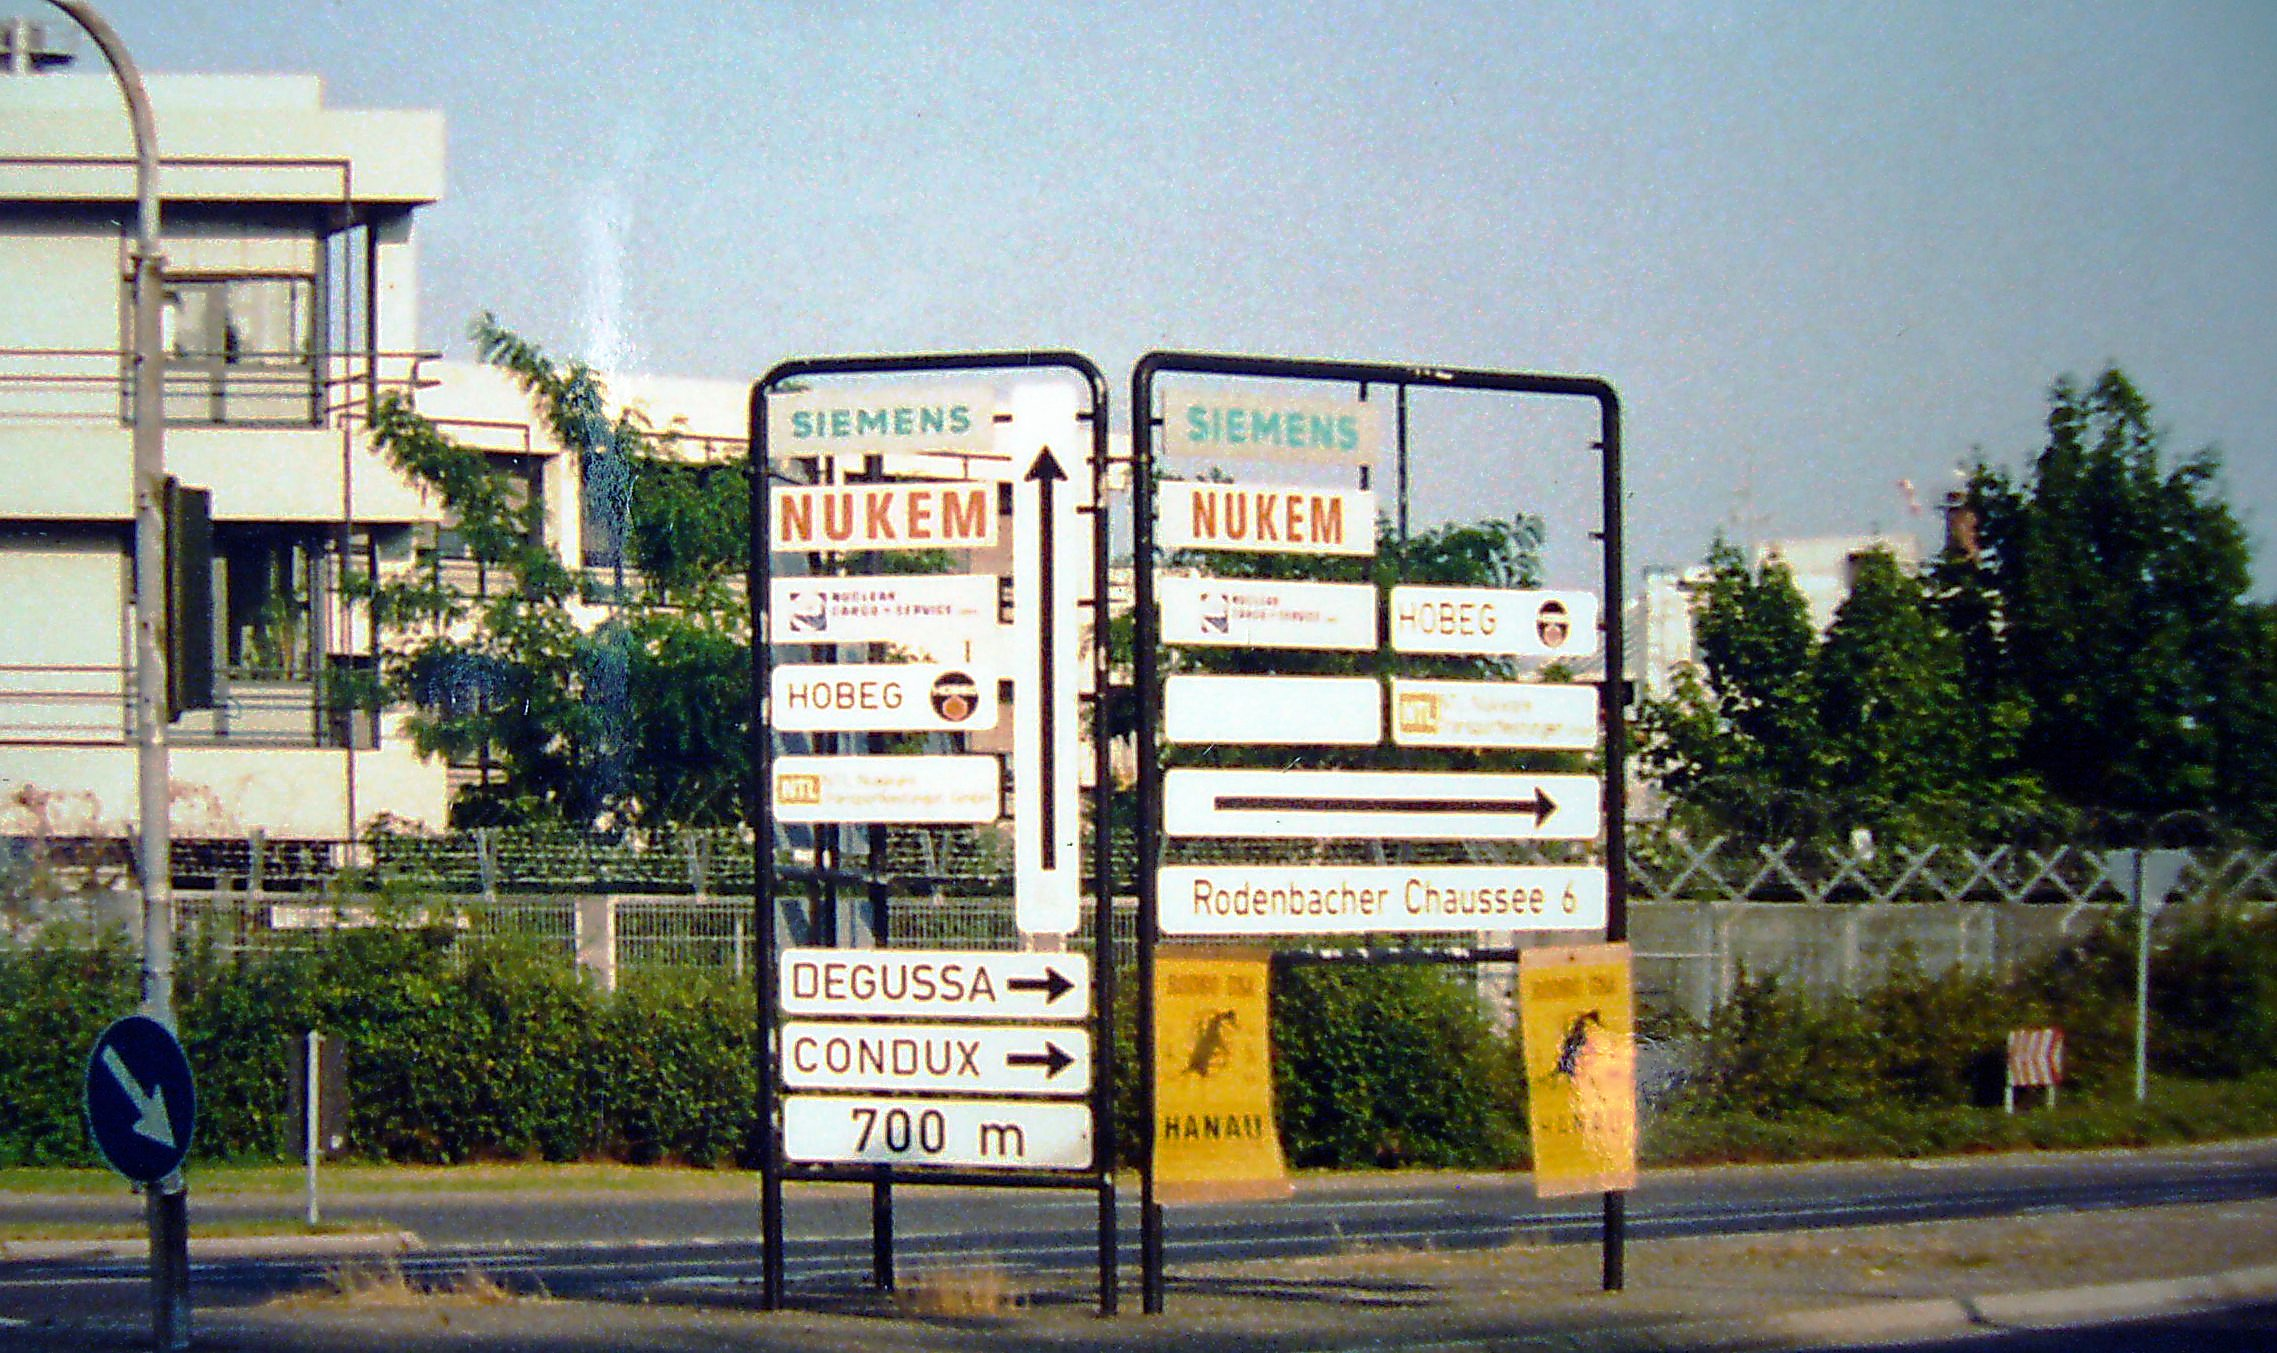 Die Opfer der Atomindustrie – Ein Fallbericht über kranke Arbeitnehmer in Deutschland